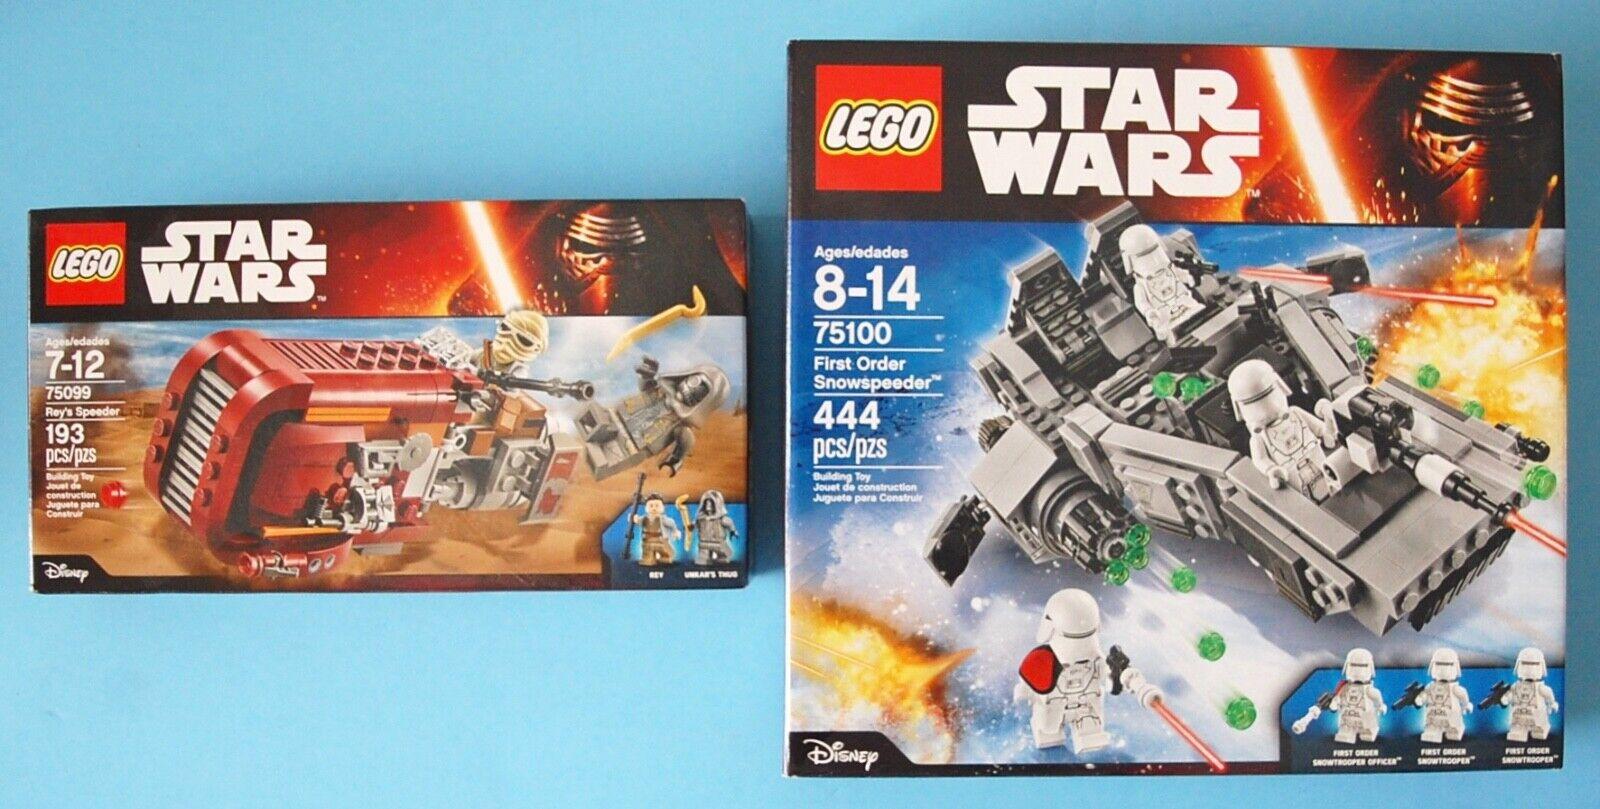 Lego Star Wars 75100 First Order Snowspeeder 75099 Reys Speeder NIB